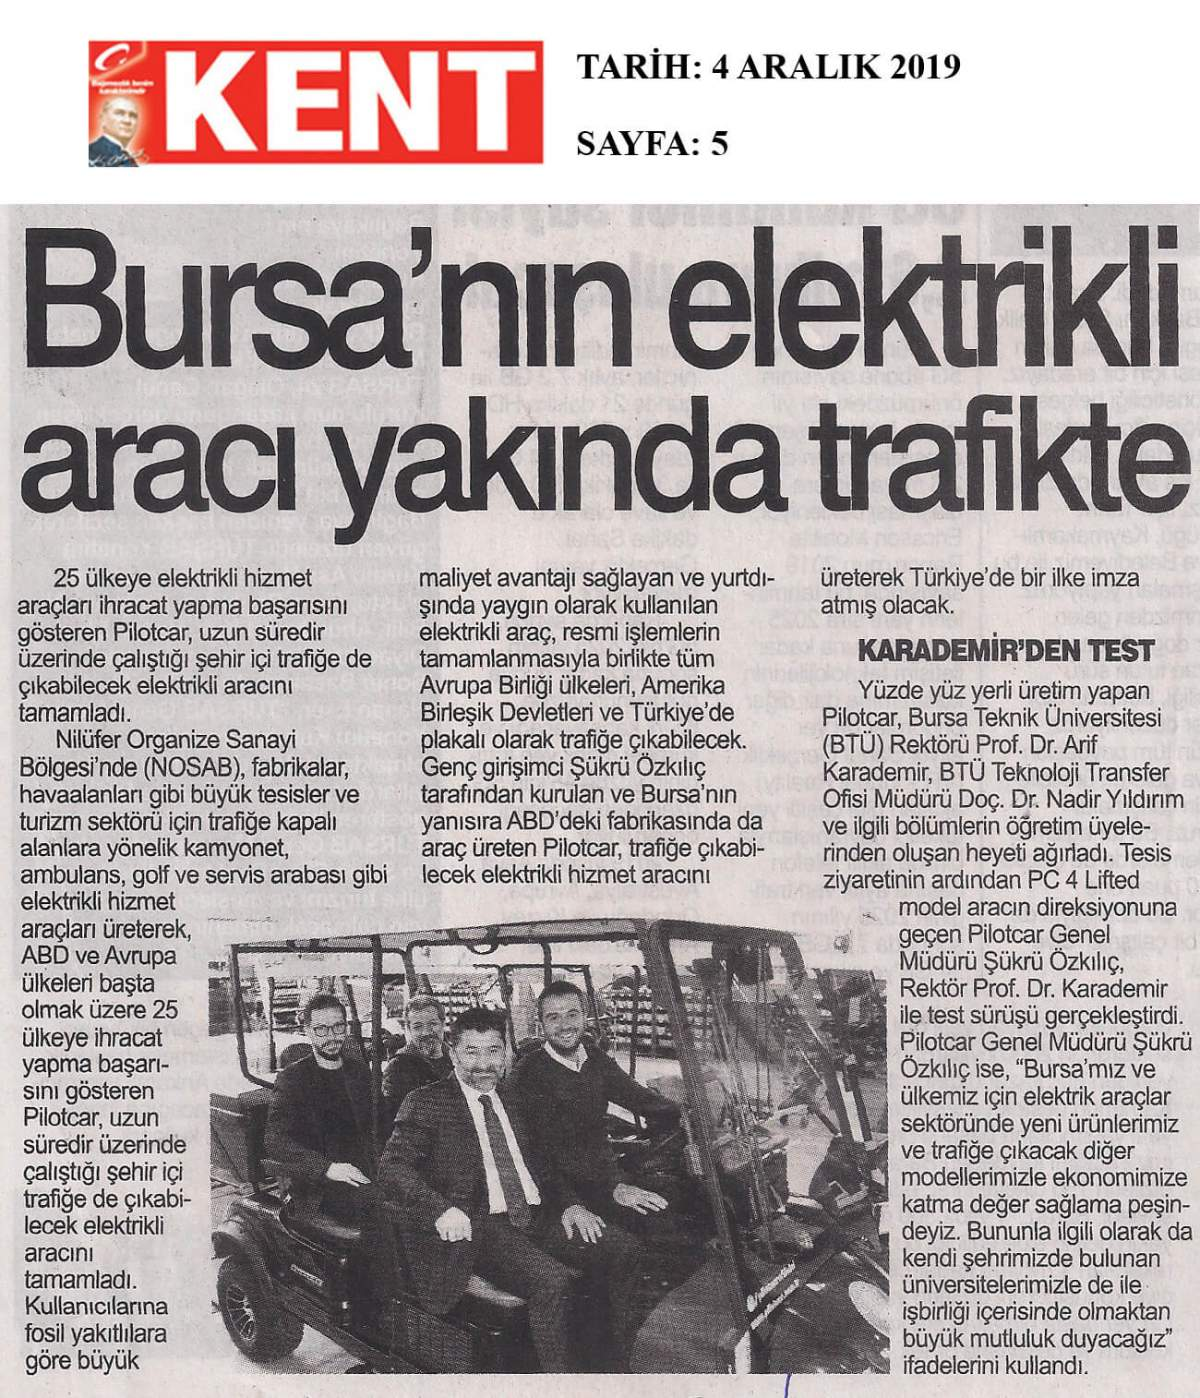 Pilotcar ve Bursa Teknik Üniversitesi İşbirliği